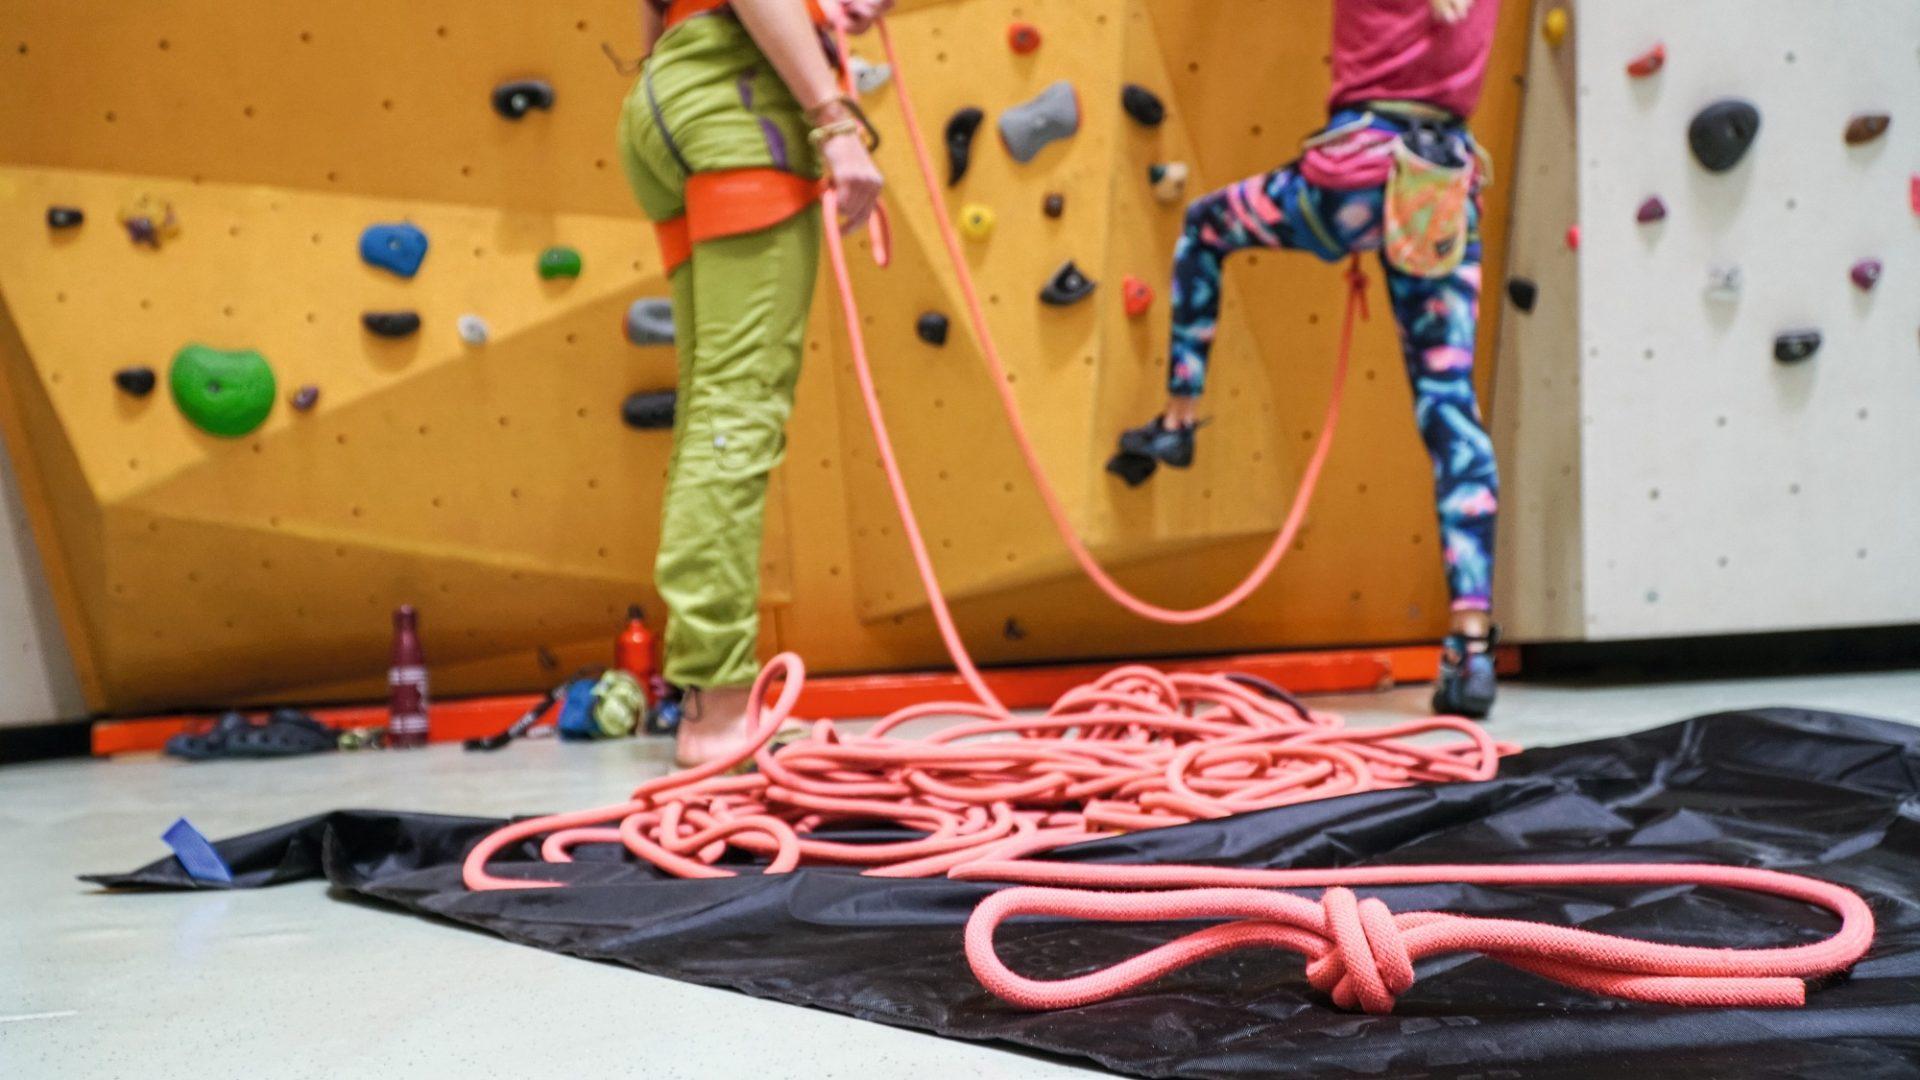 Bergsteigertipp: Klettern mit K(n)öpfchen!